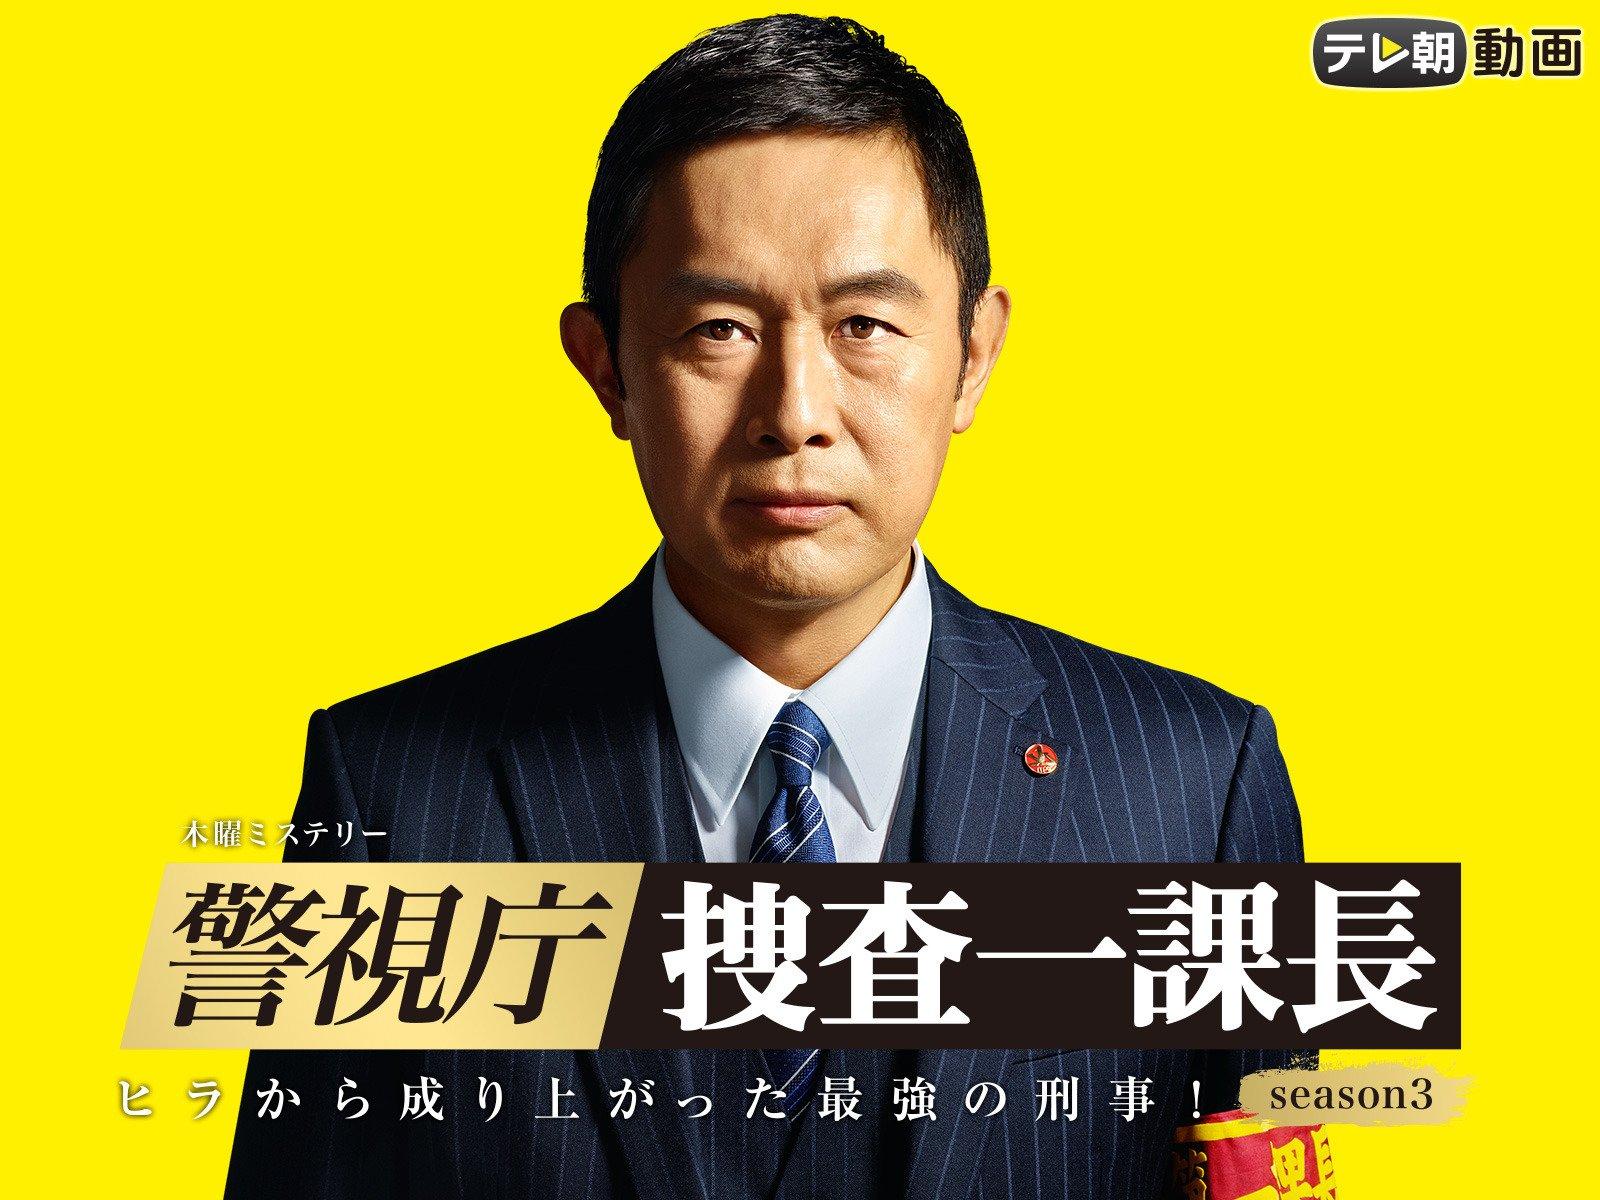 警視庁・捜査一課長 初回2時間スペシャル 1貫 動画 2021年4月8日